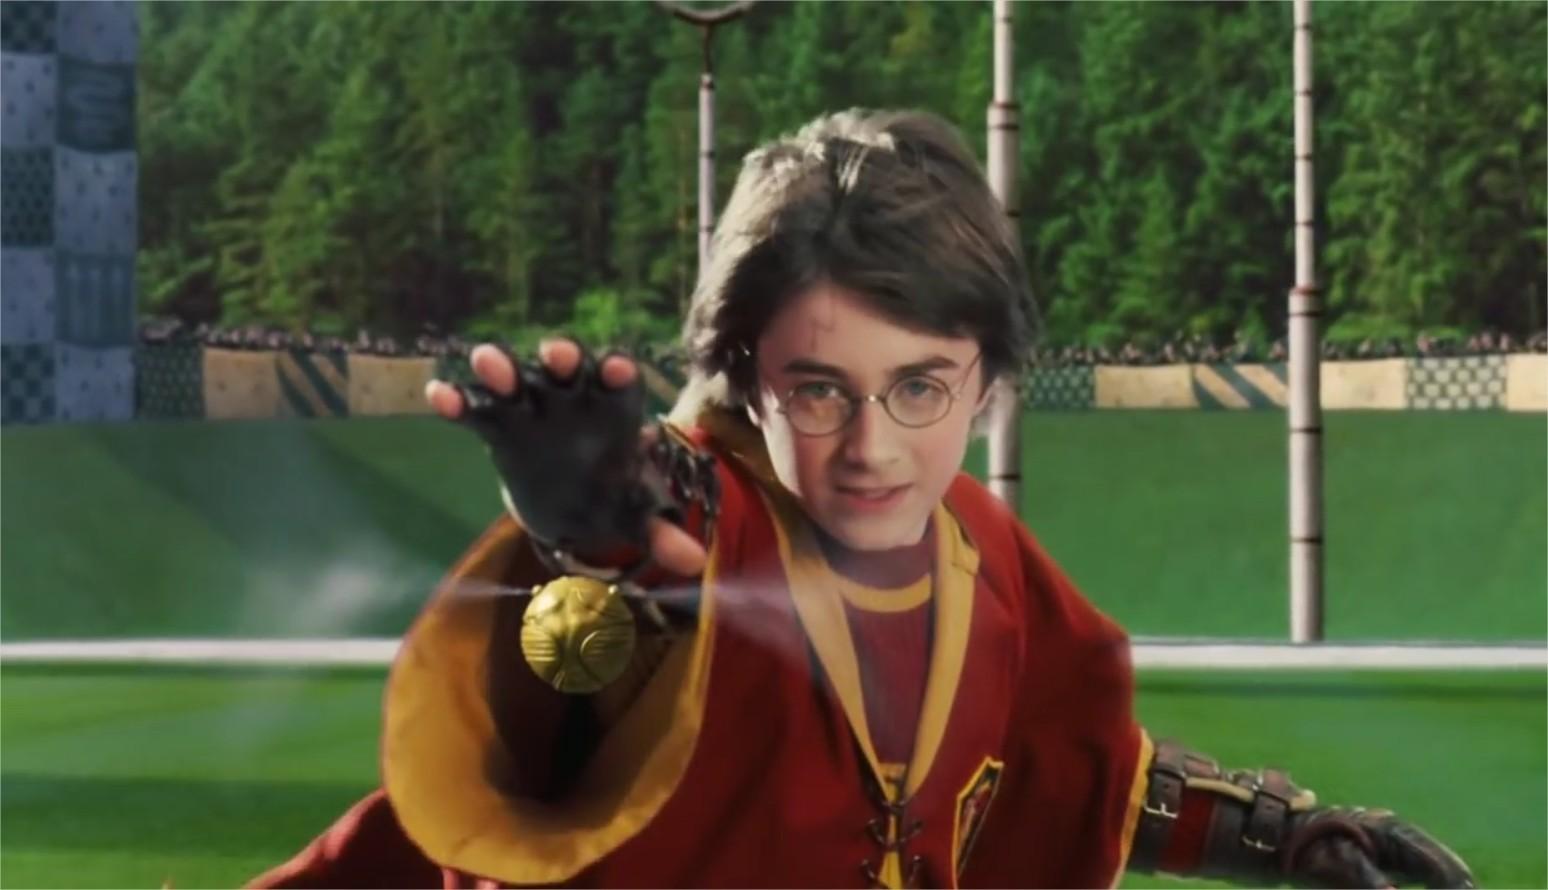 Harry Potter 1, chapitre 11 : Le match de Quidditch